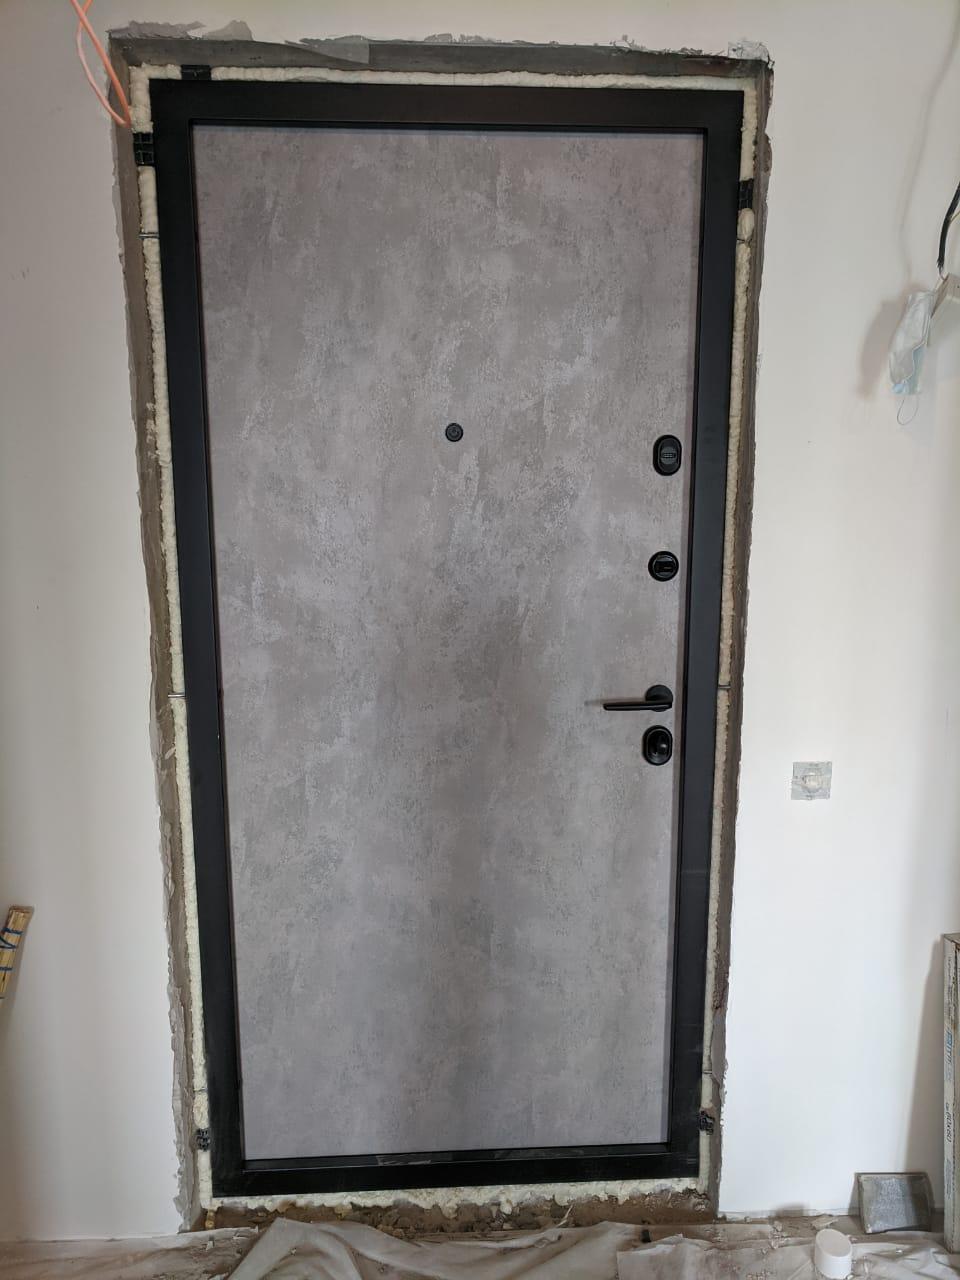 входная дверь отделка серая лазурь чёрная фурнитура гладкая внутренняя панель стальная линия